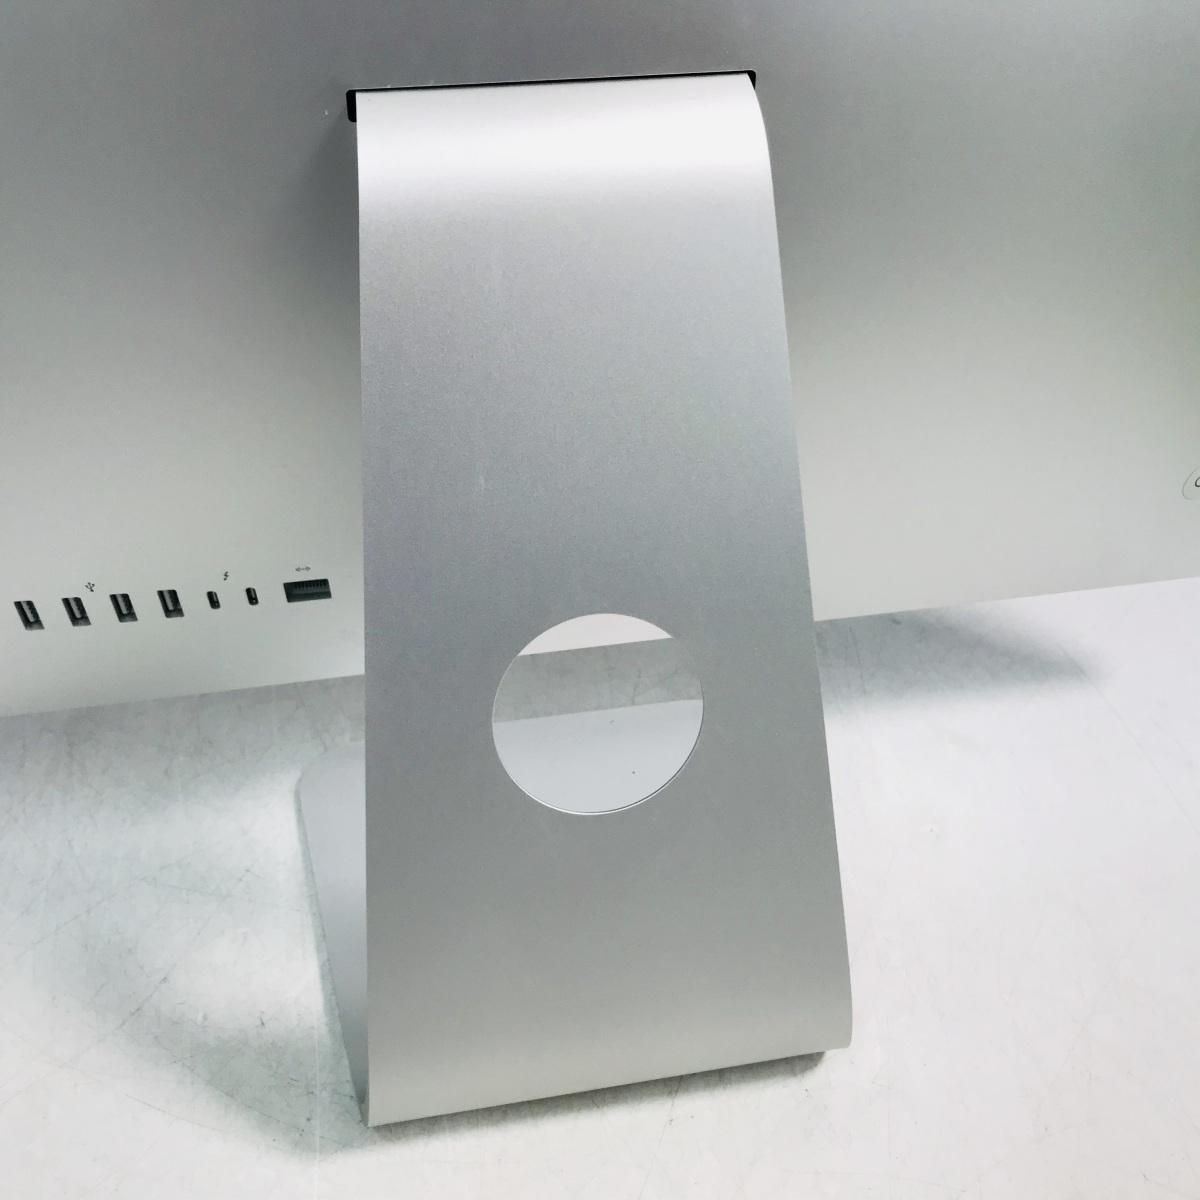 動作確認済み iMac Retina 4Kディスプレイモデル 21.5インチ(Mid 2017) Core i5 3.0GHz/8GB/SSD 256GB MNDY2J/A_画像6